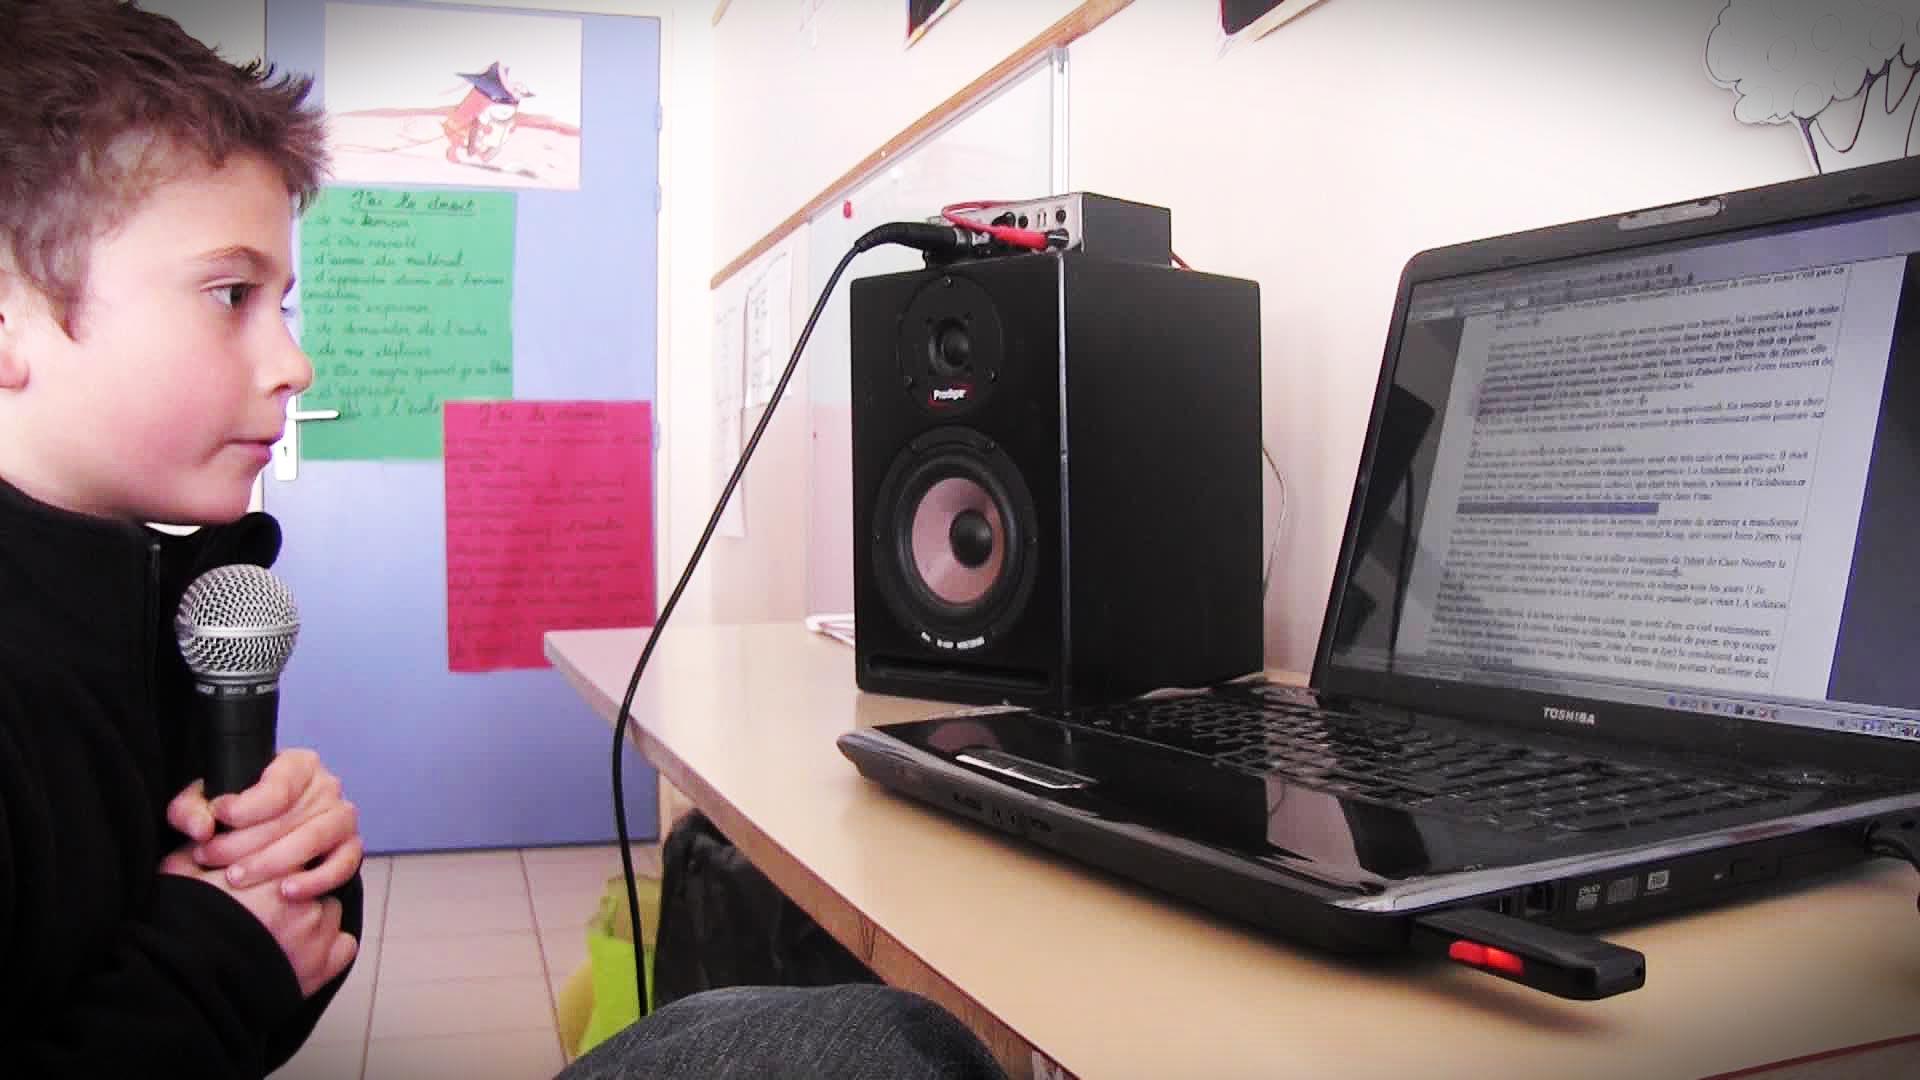 ateliers créatifs - musique